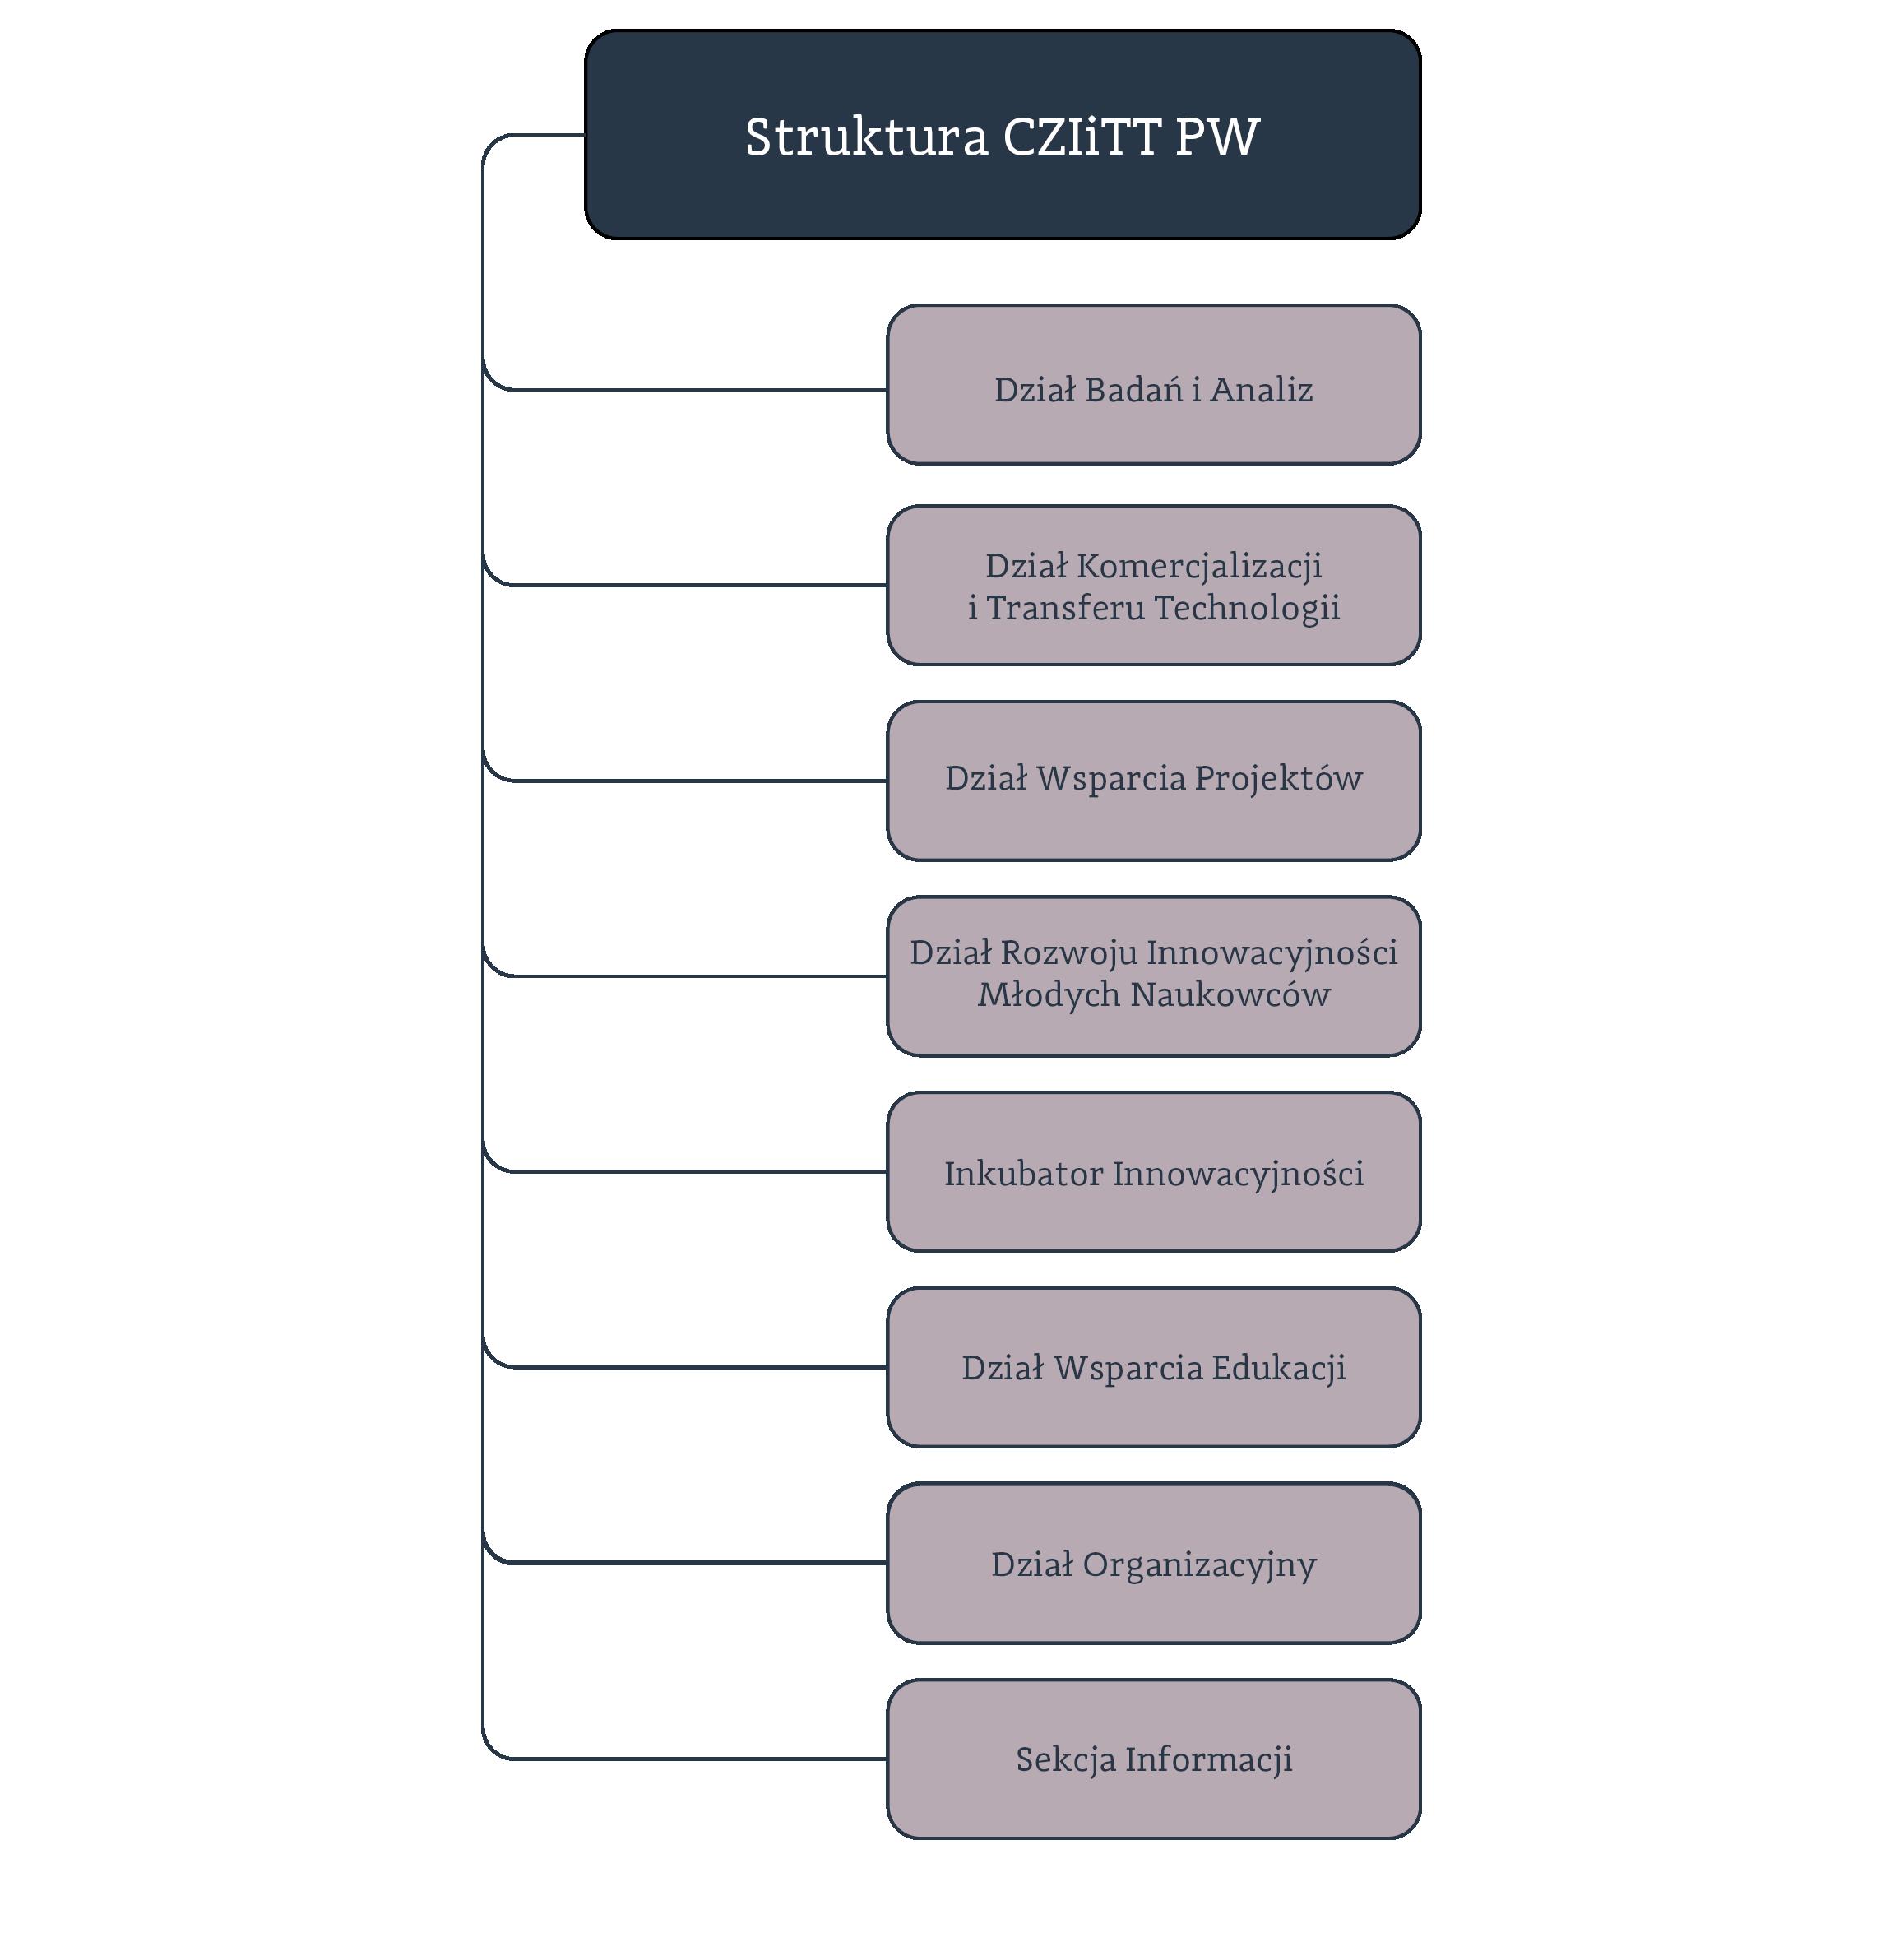 struktura CZIiTT PW grafika